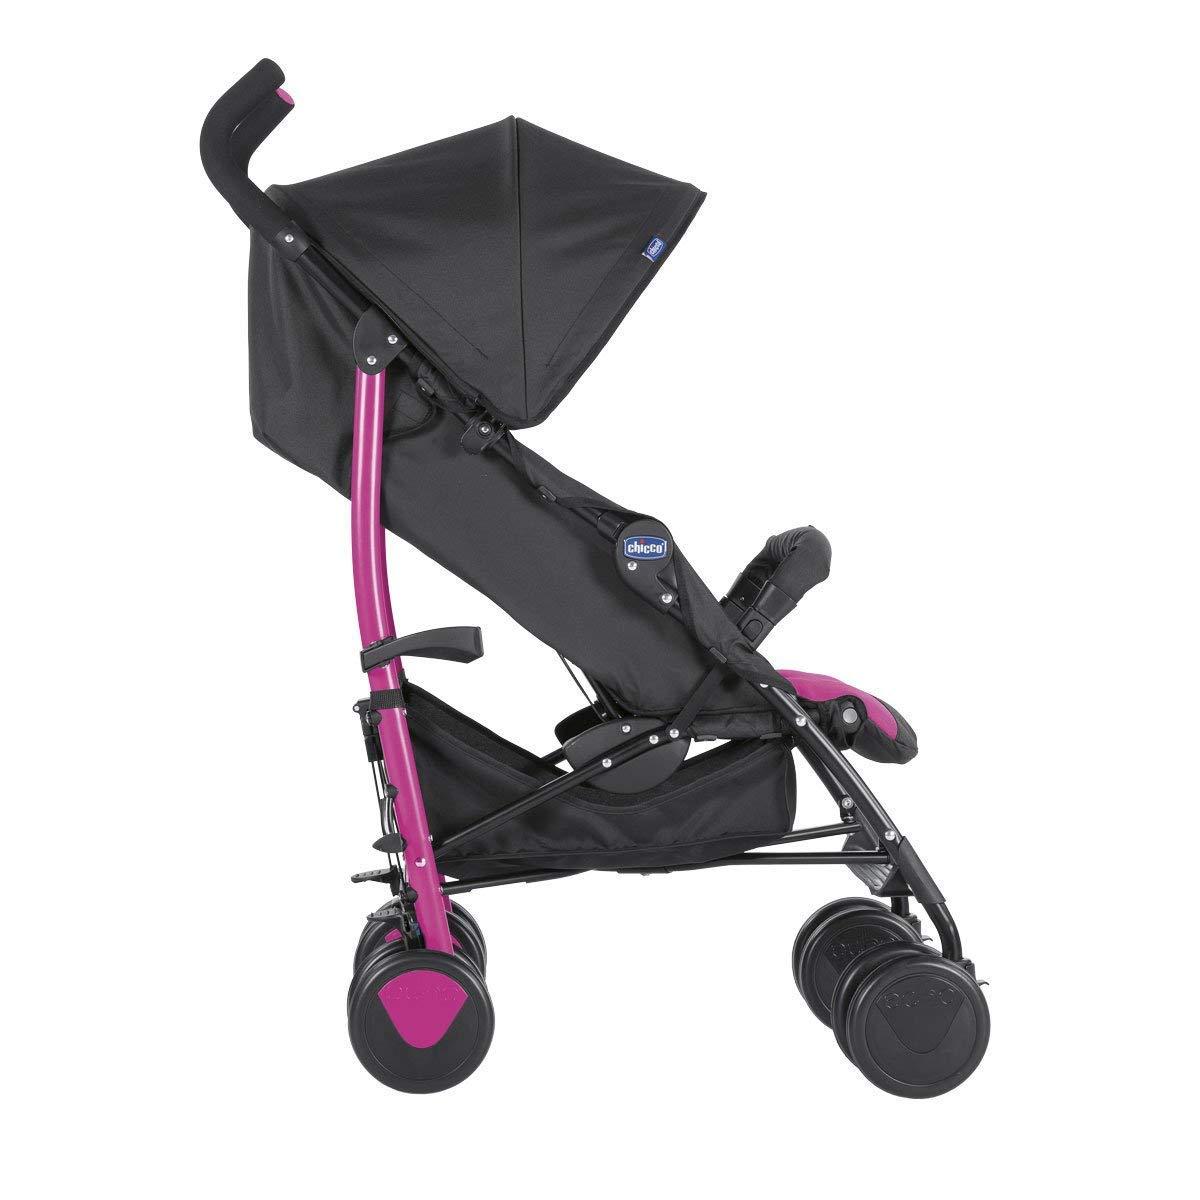 Chicco New Echo - Silla de paseo, ligera y compacta, color rosa, 7,6 kg: Amazon.es: Bebé